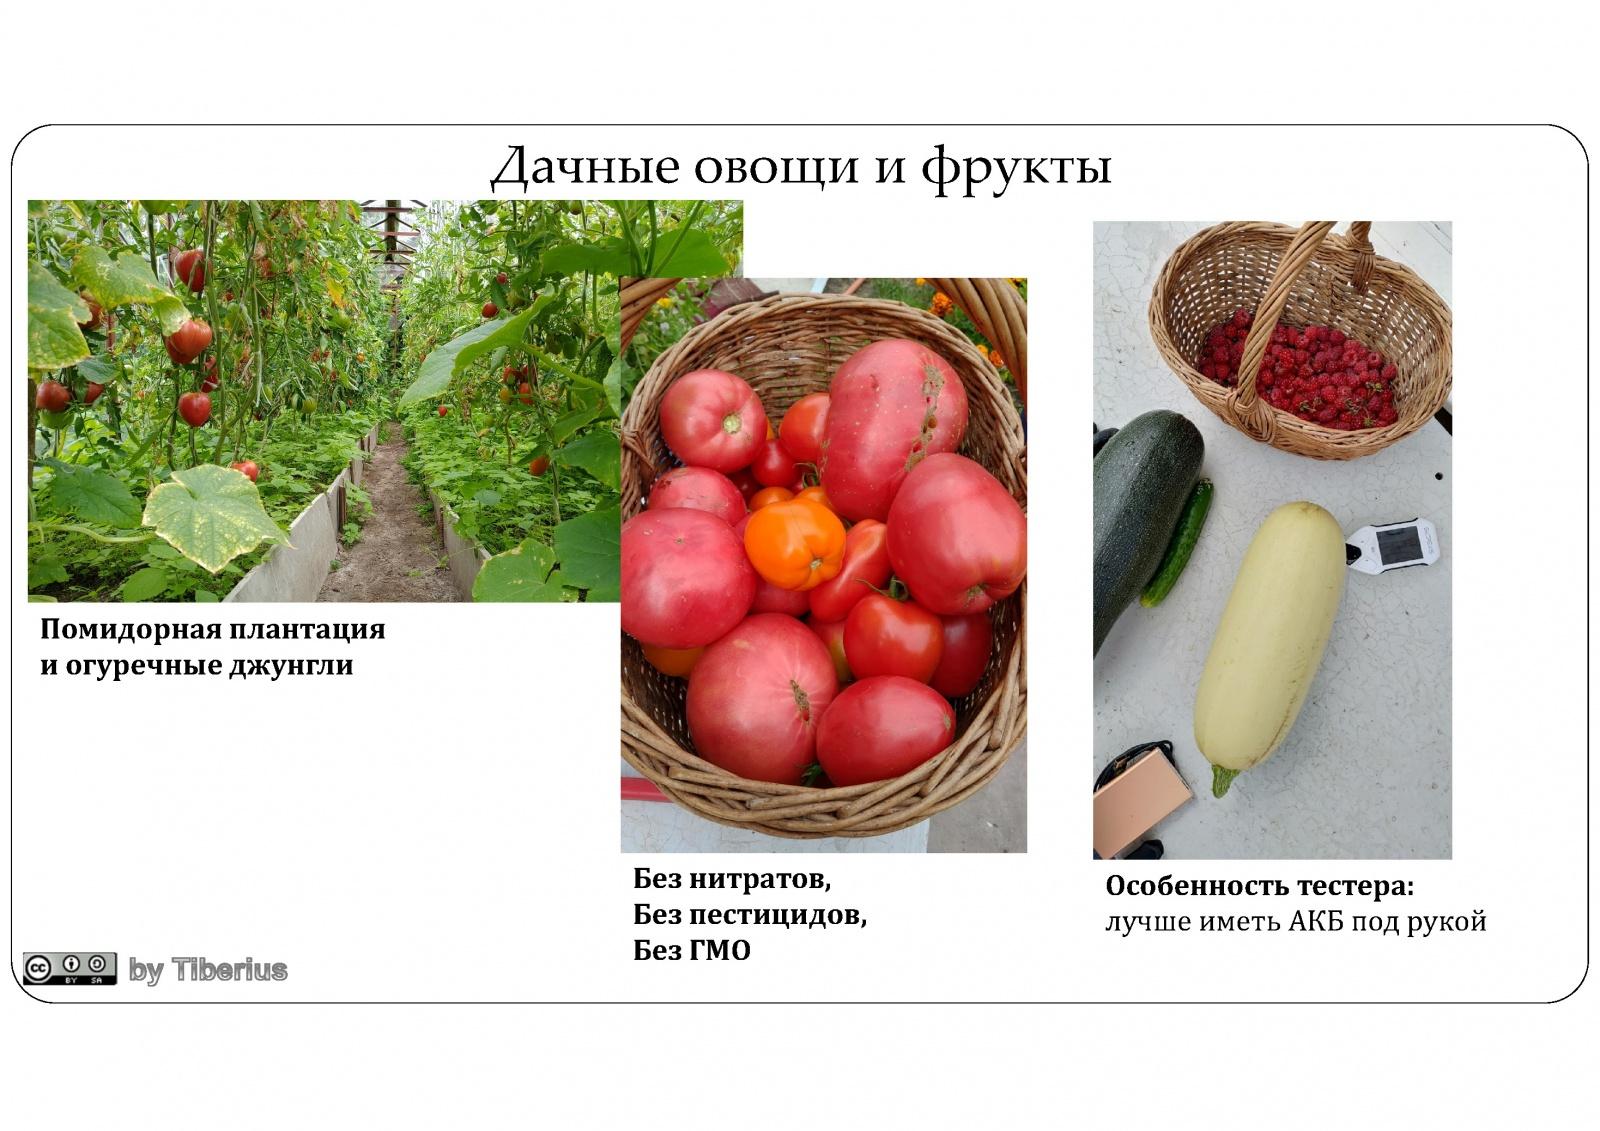 Нитраты в продуктах: магазины Швейцарии vs магазины России vs дача - 10